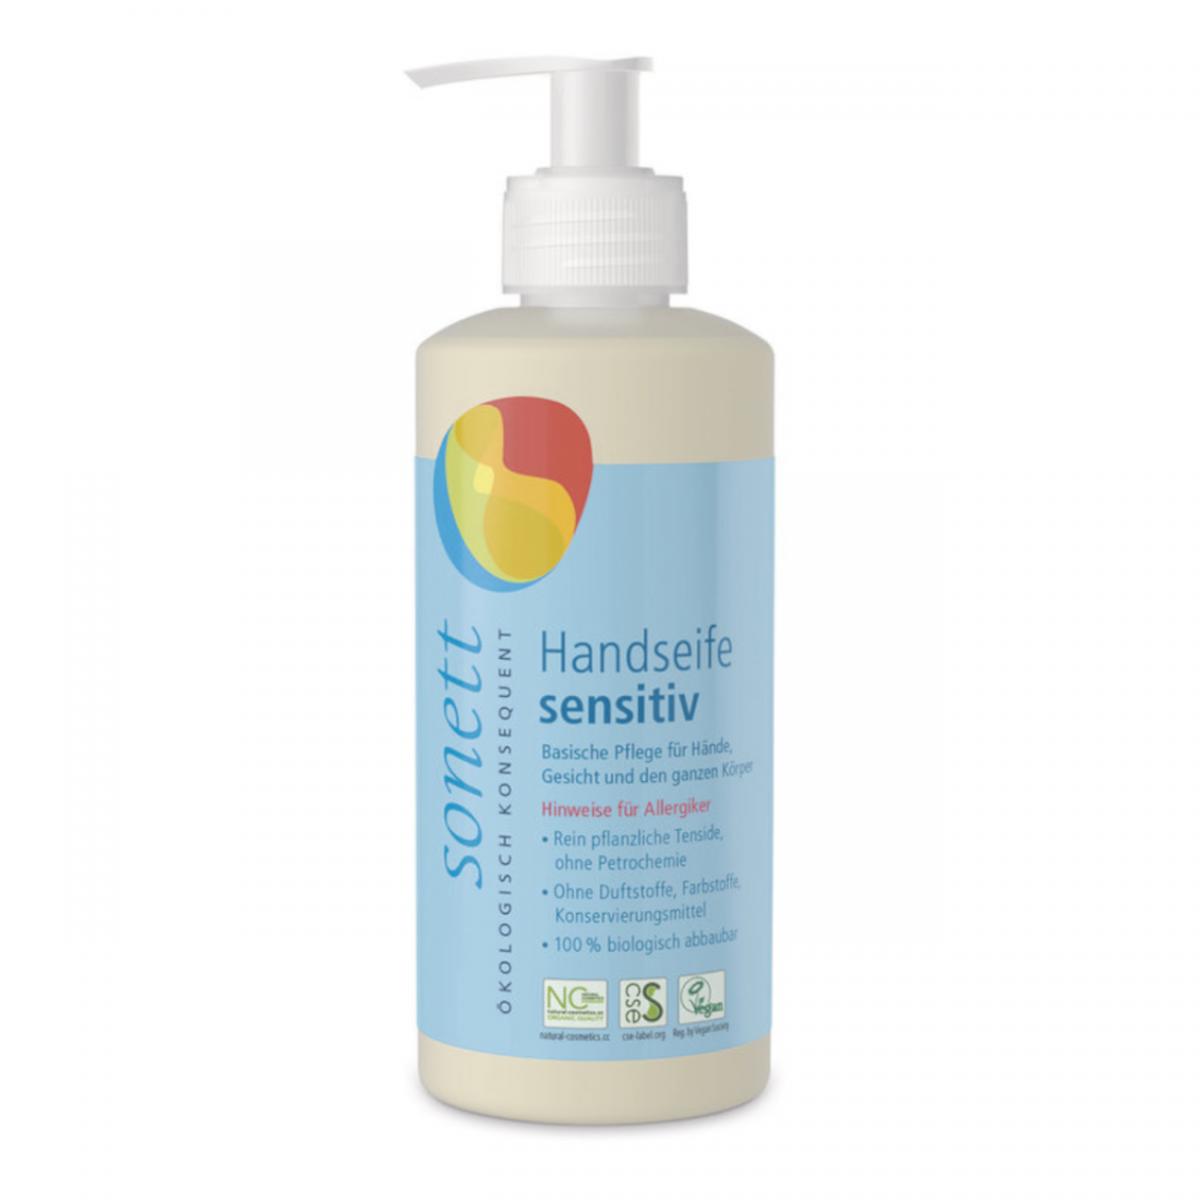 Handseife Sensitiv, ohne Dufstoff, Pumpspender